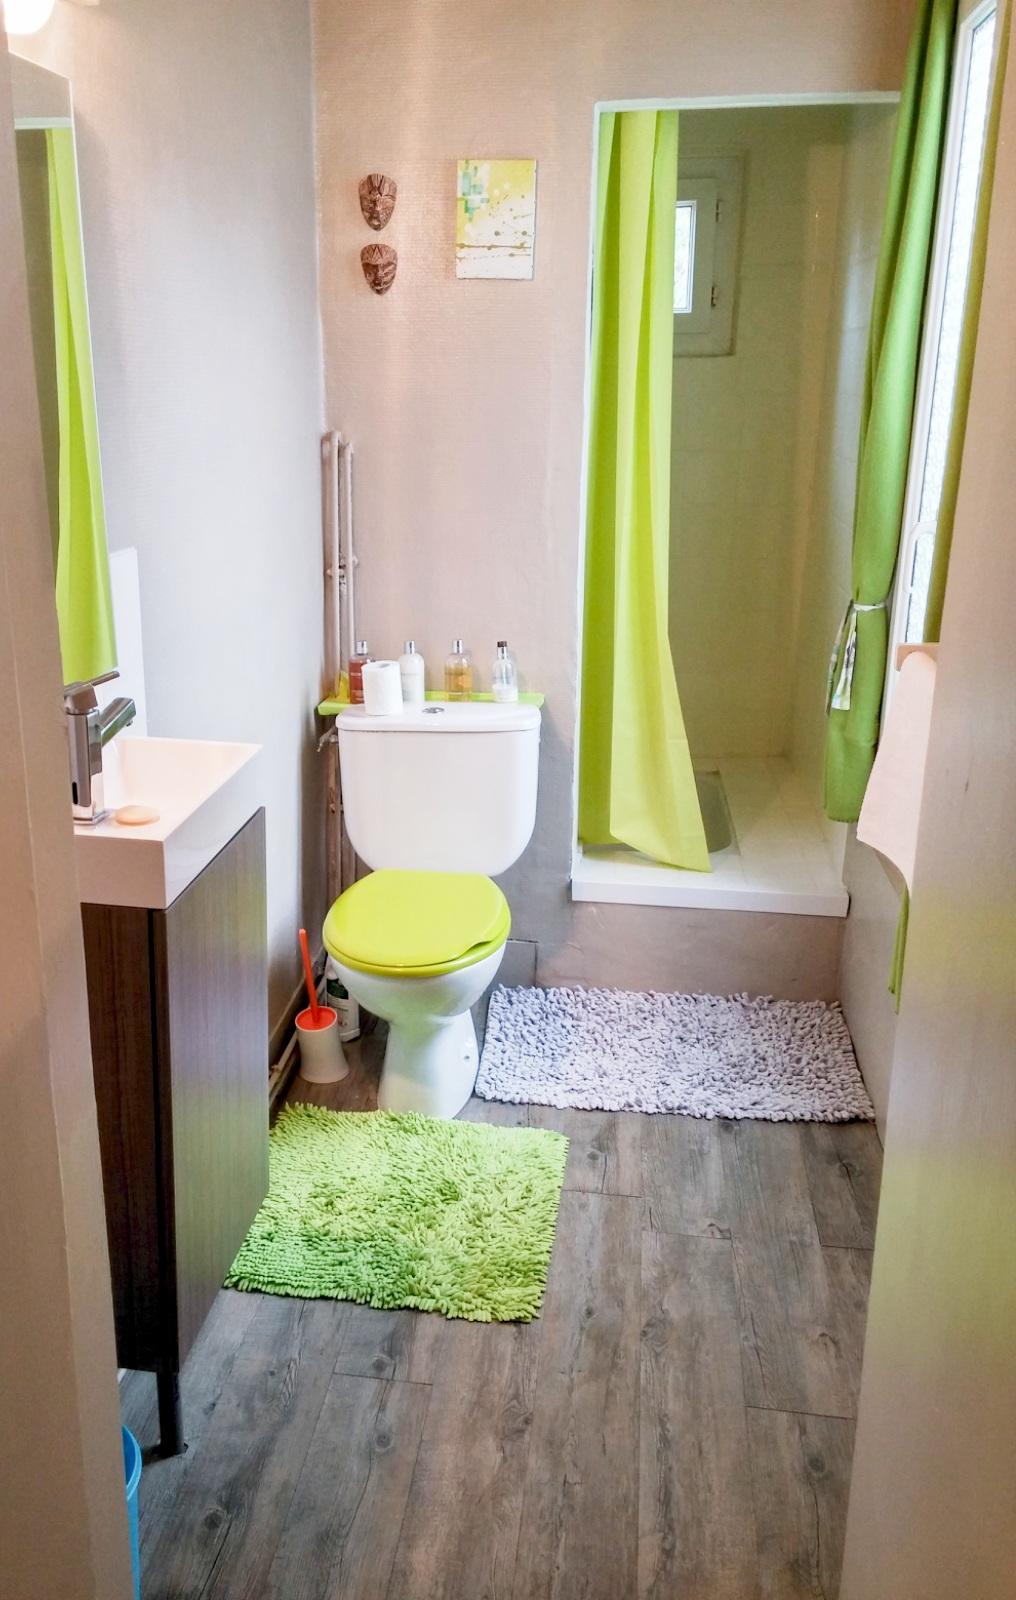 salle d eau 5m2 dco salle de bain design quelles sont les tendances with salle d eau 5m2. Black Bedroom Furniture Sets. Home Design Ideas